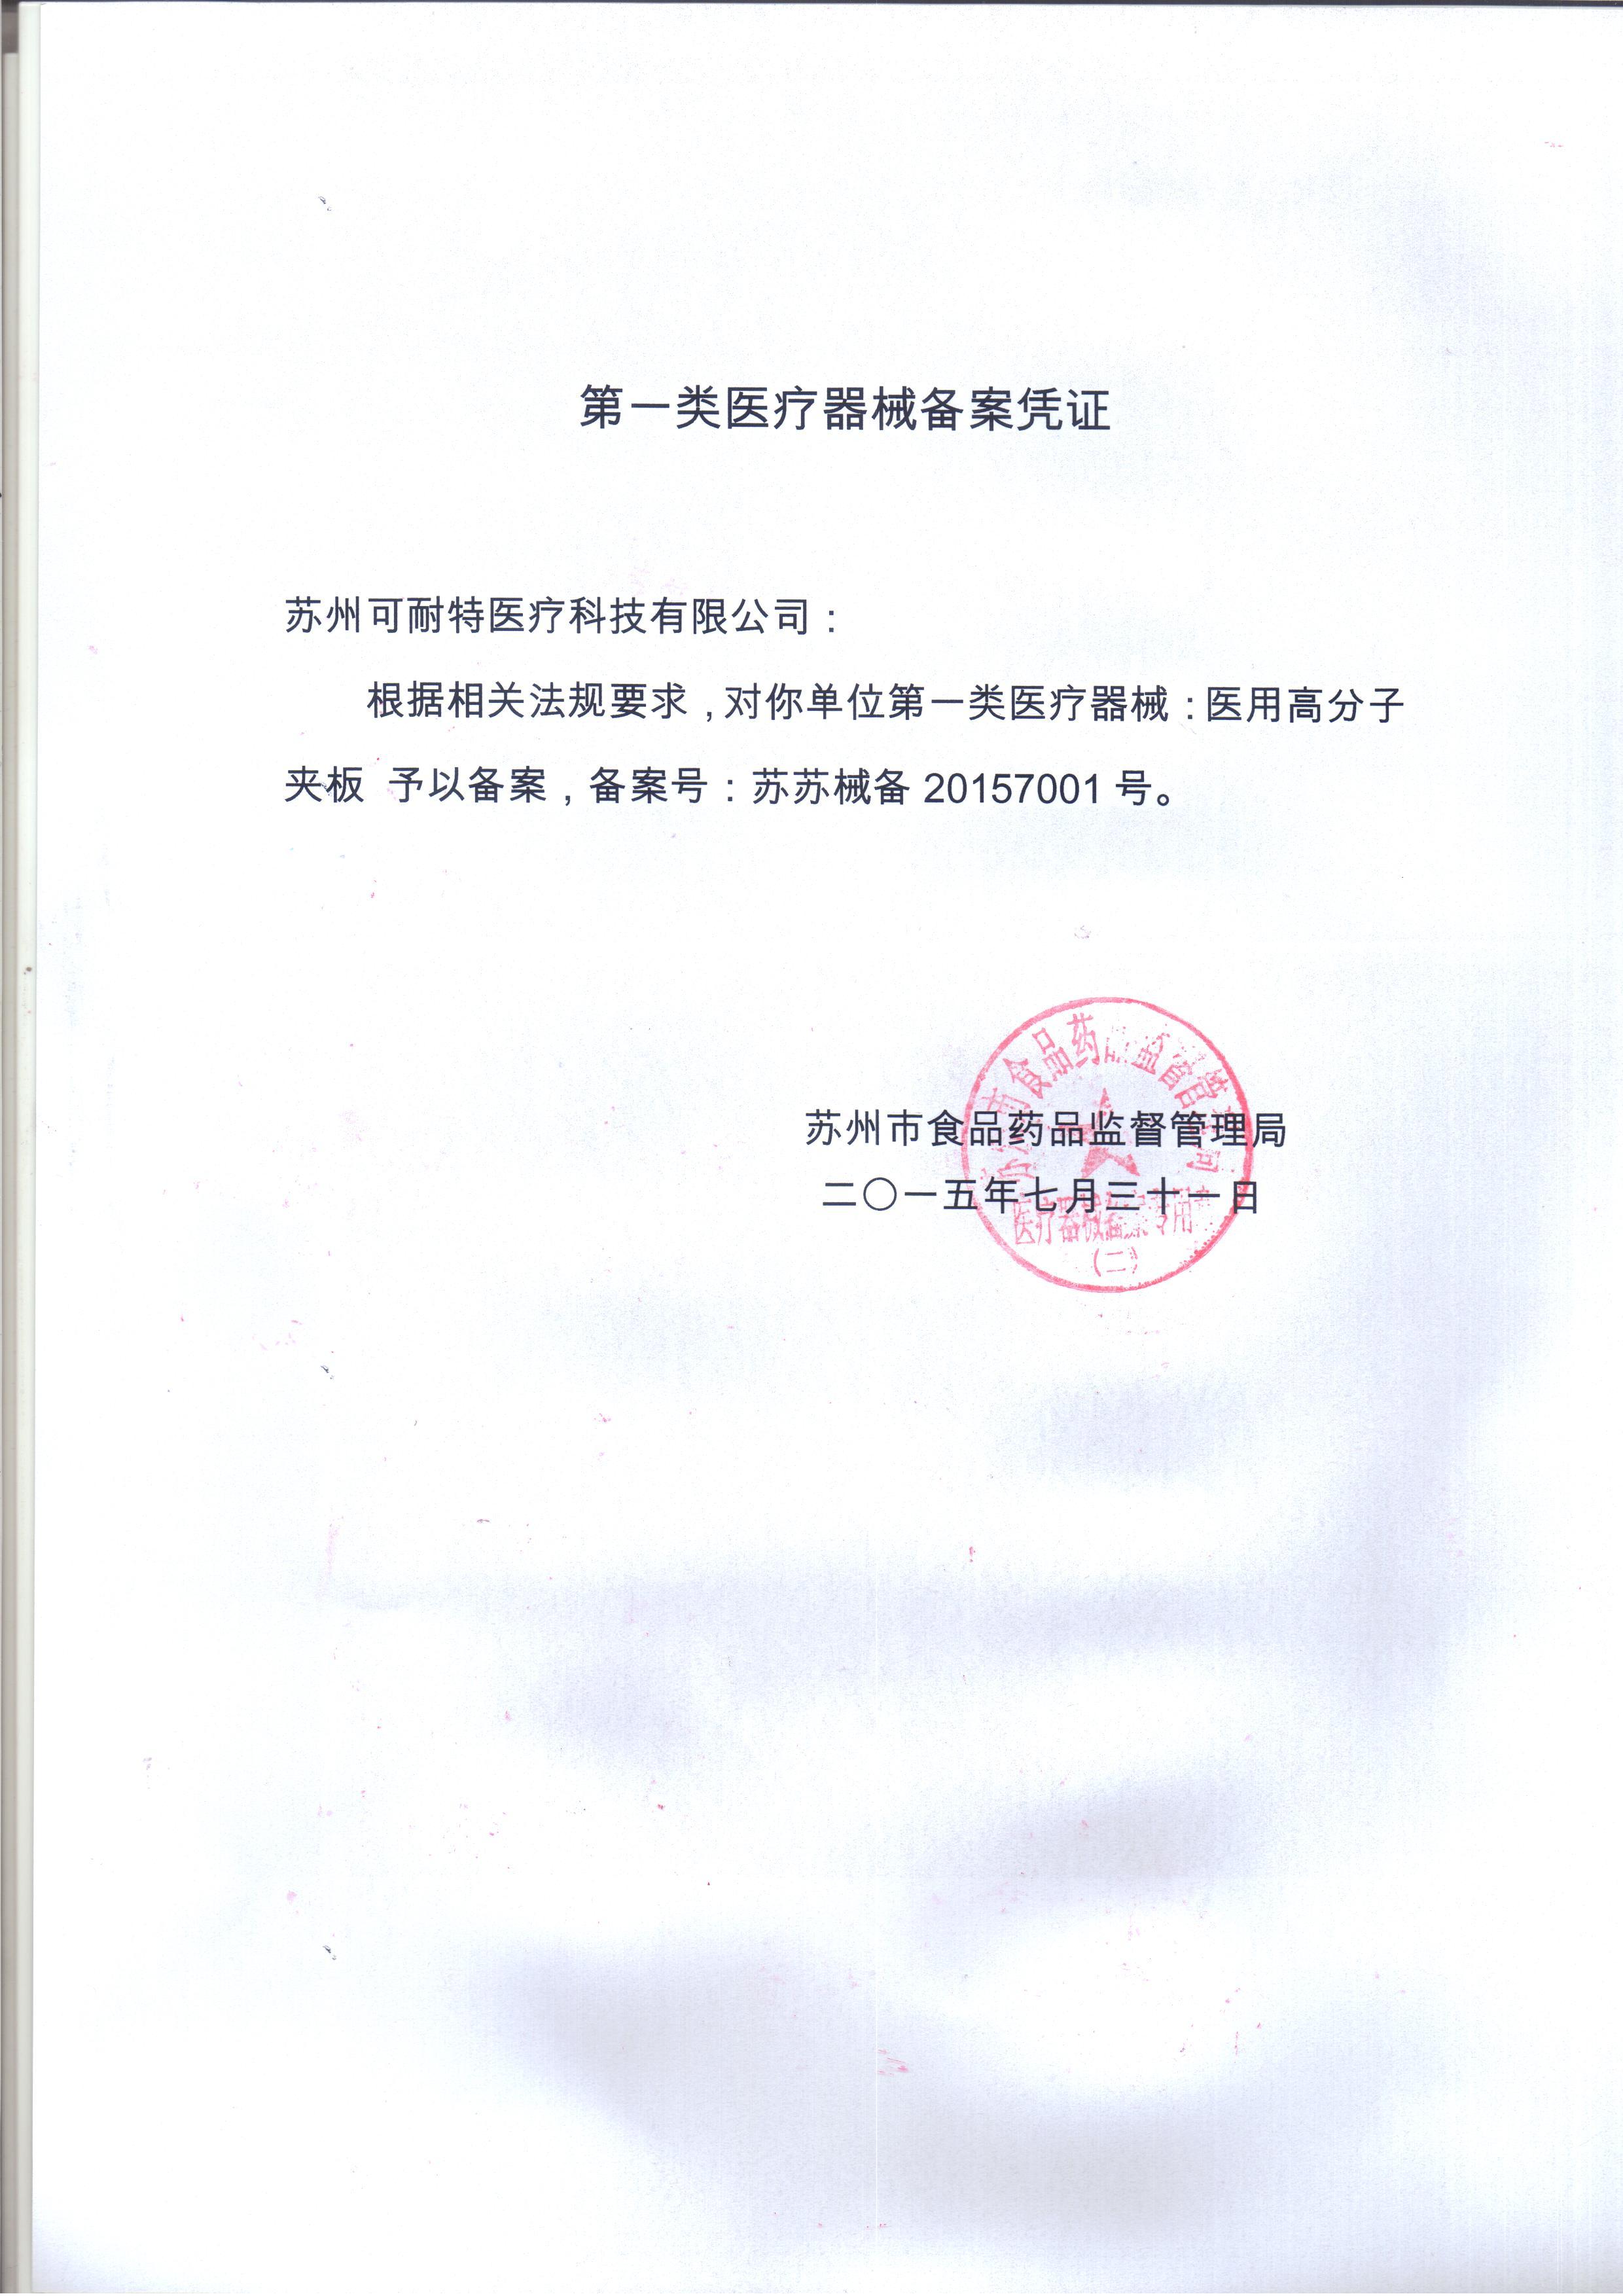 第一類醫療器械備案憑證_083703